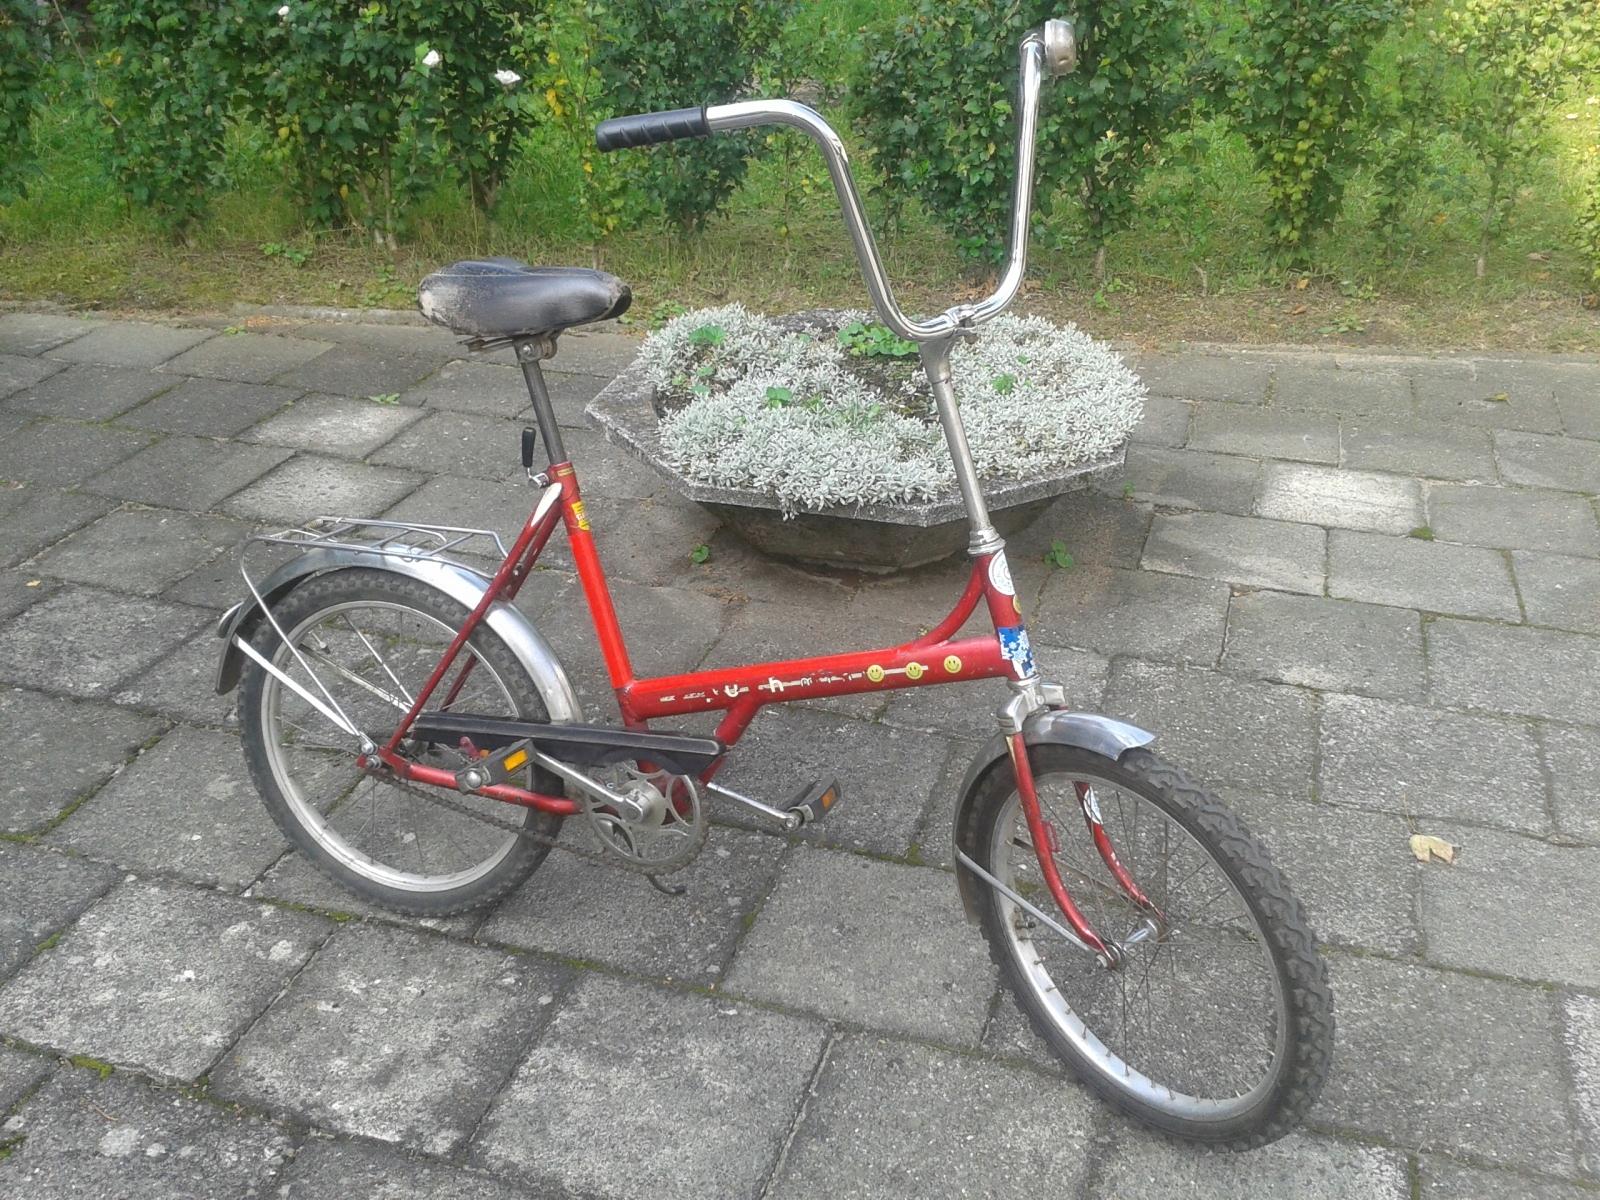 Zabytkowy rower PUCH MINI-Austria koła 20 cali